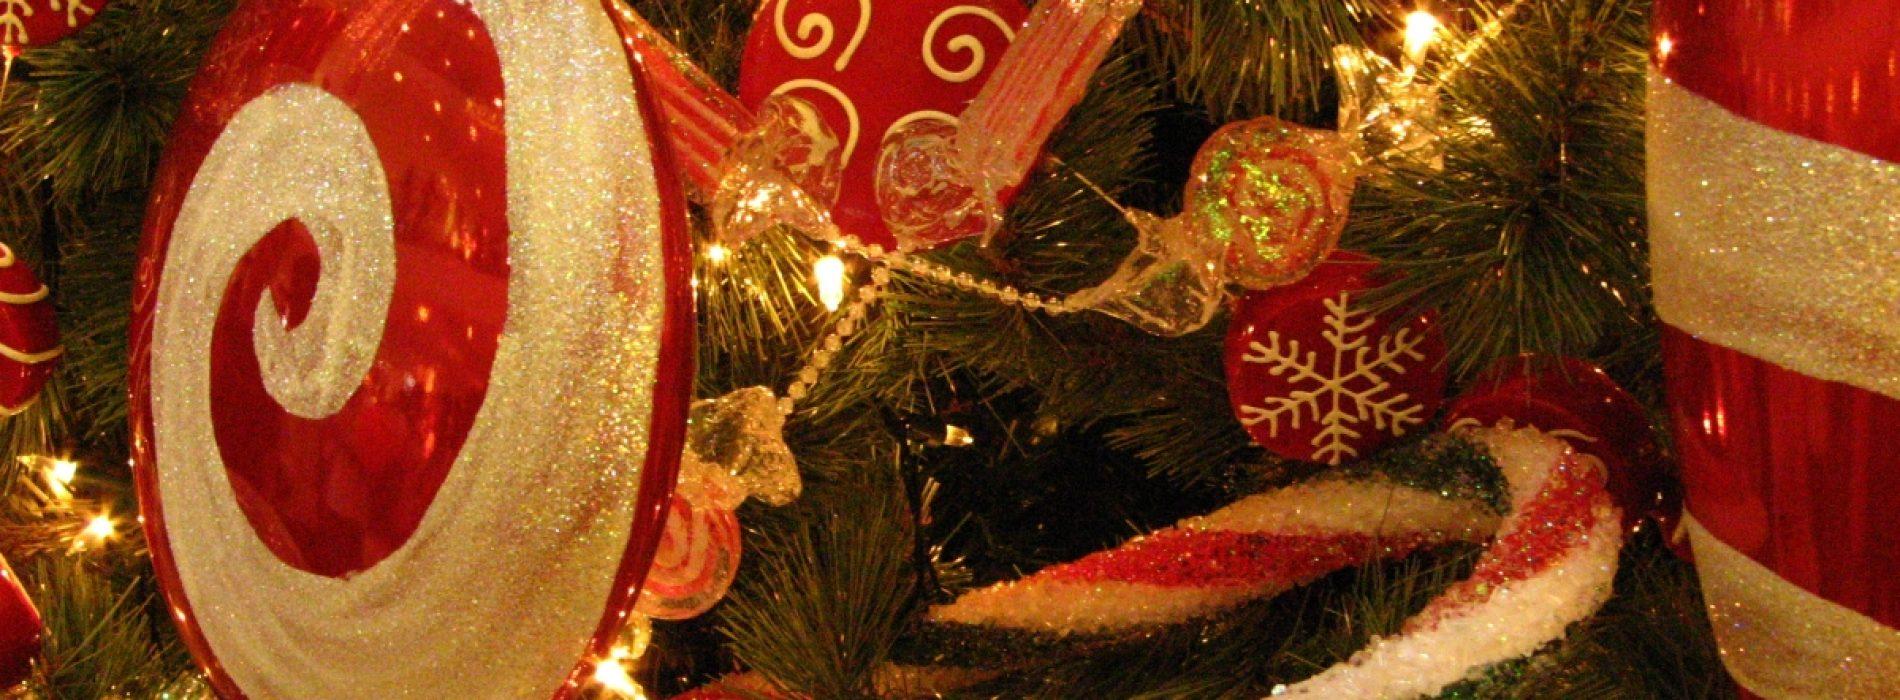 10 teme noi pentru bradul de Crăciun și Sărbători de poveste